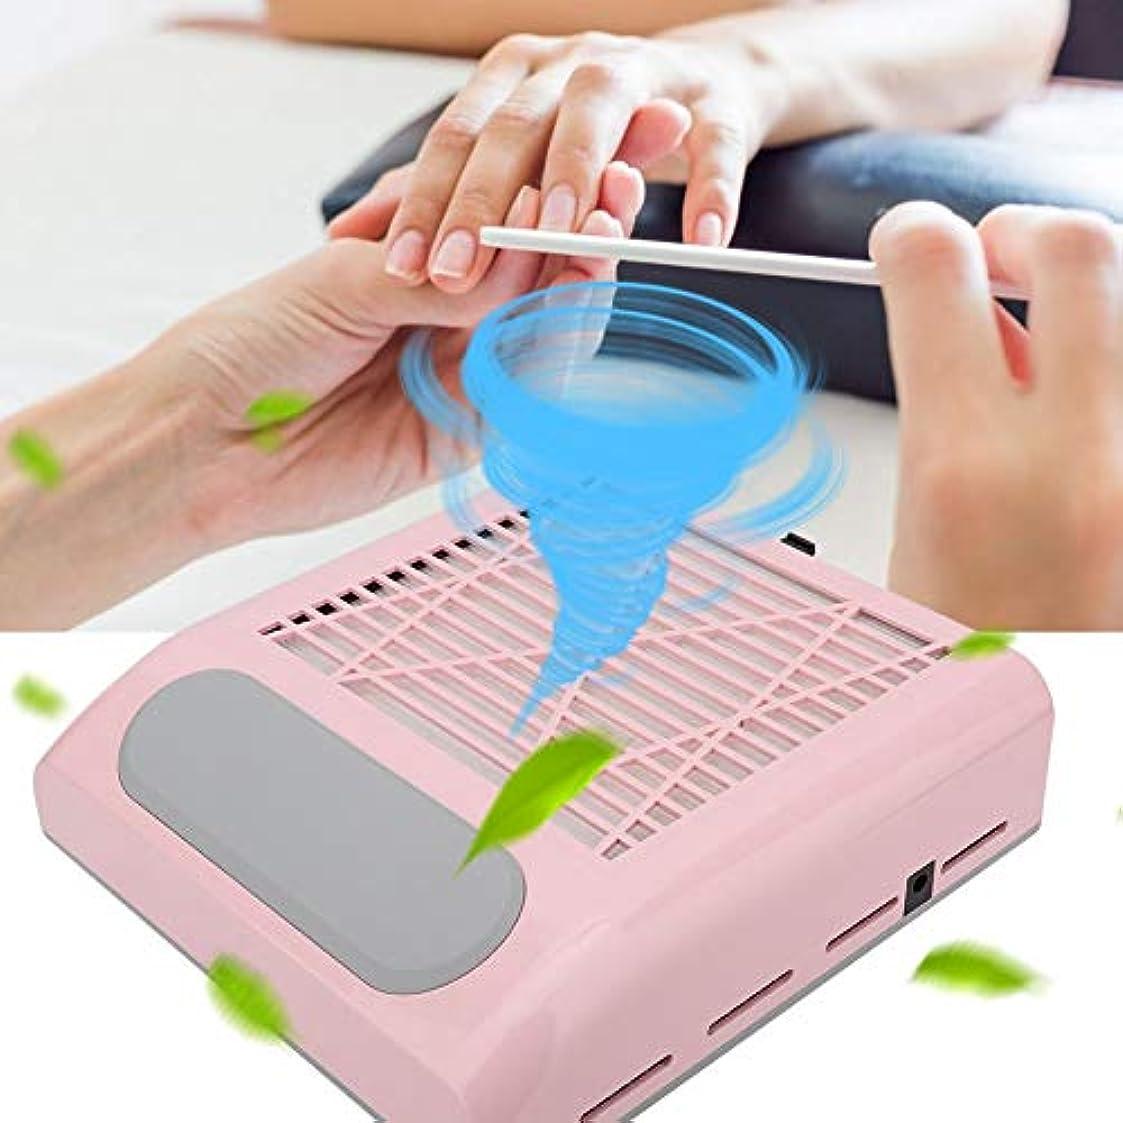 興奮する食料品店関係ないネイルダストコレクター、80W強力吸引ネイルアート掃除機マニキュアツール100-240V(US-ピンク)